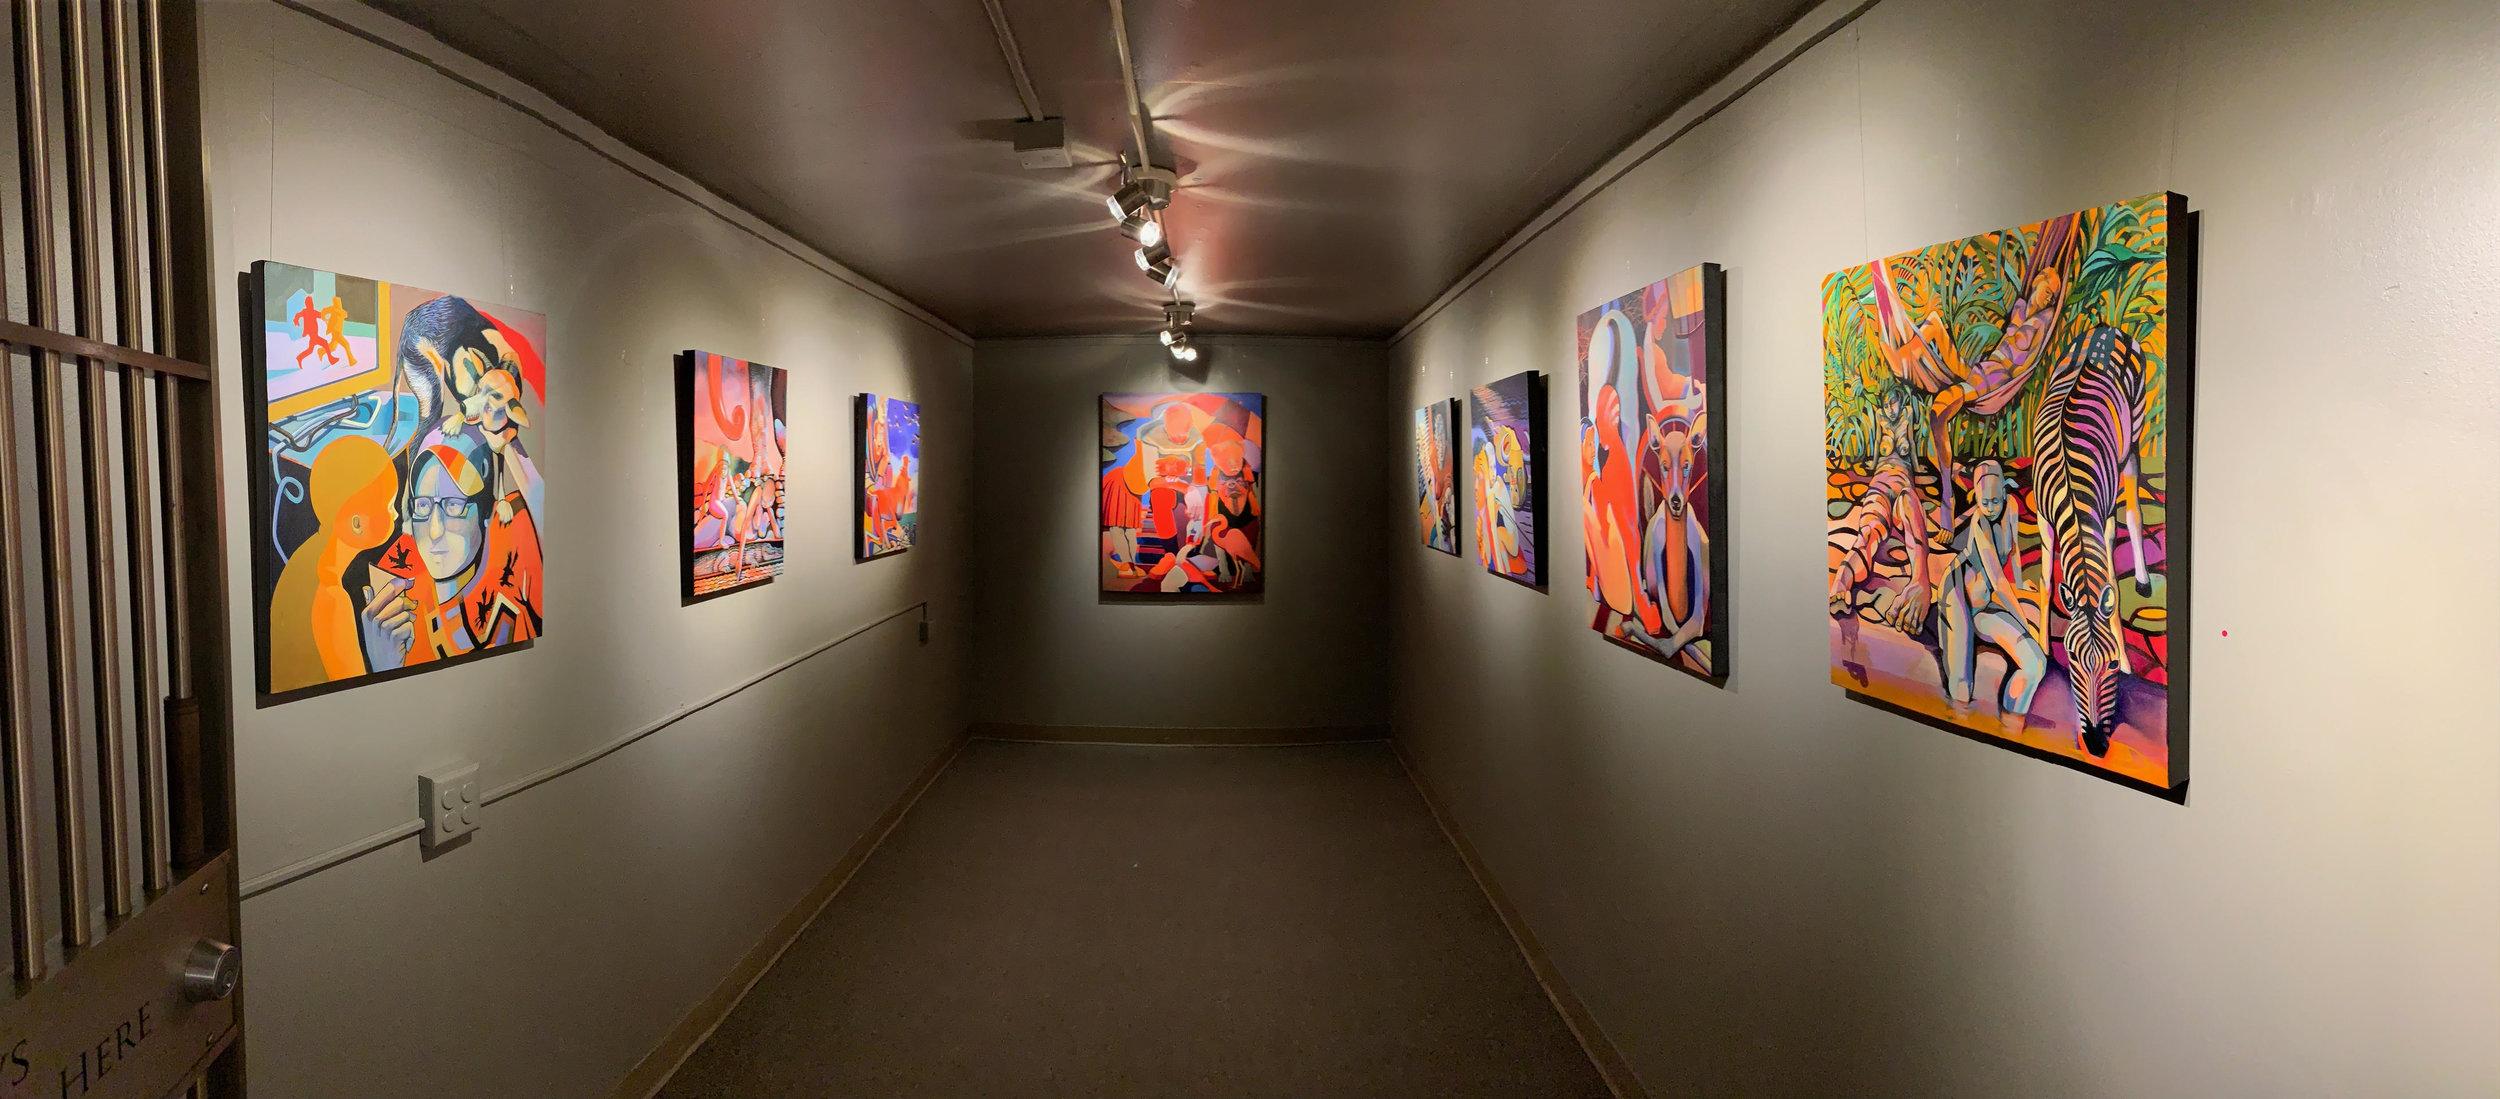 Pan of Ros's gallery install.jpg